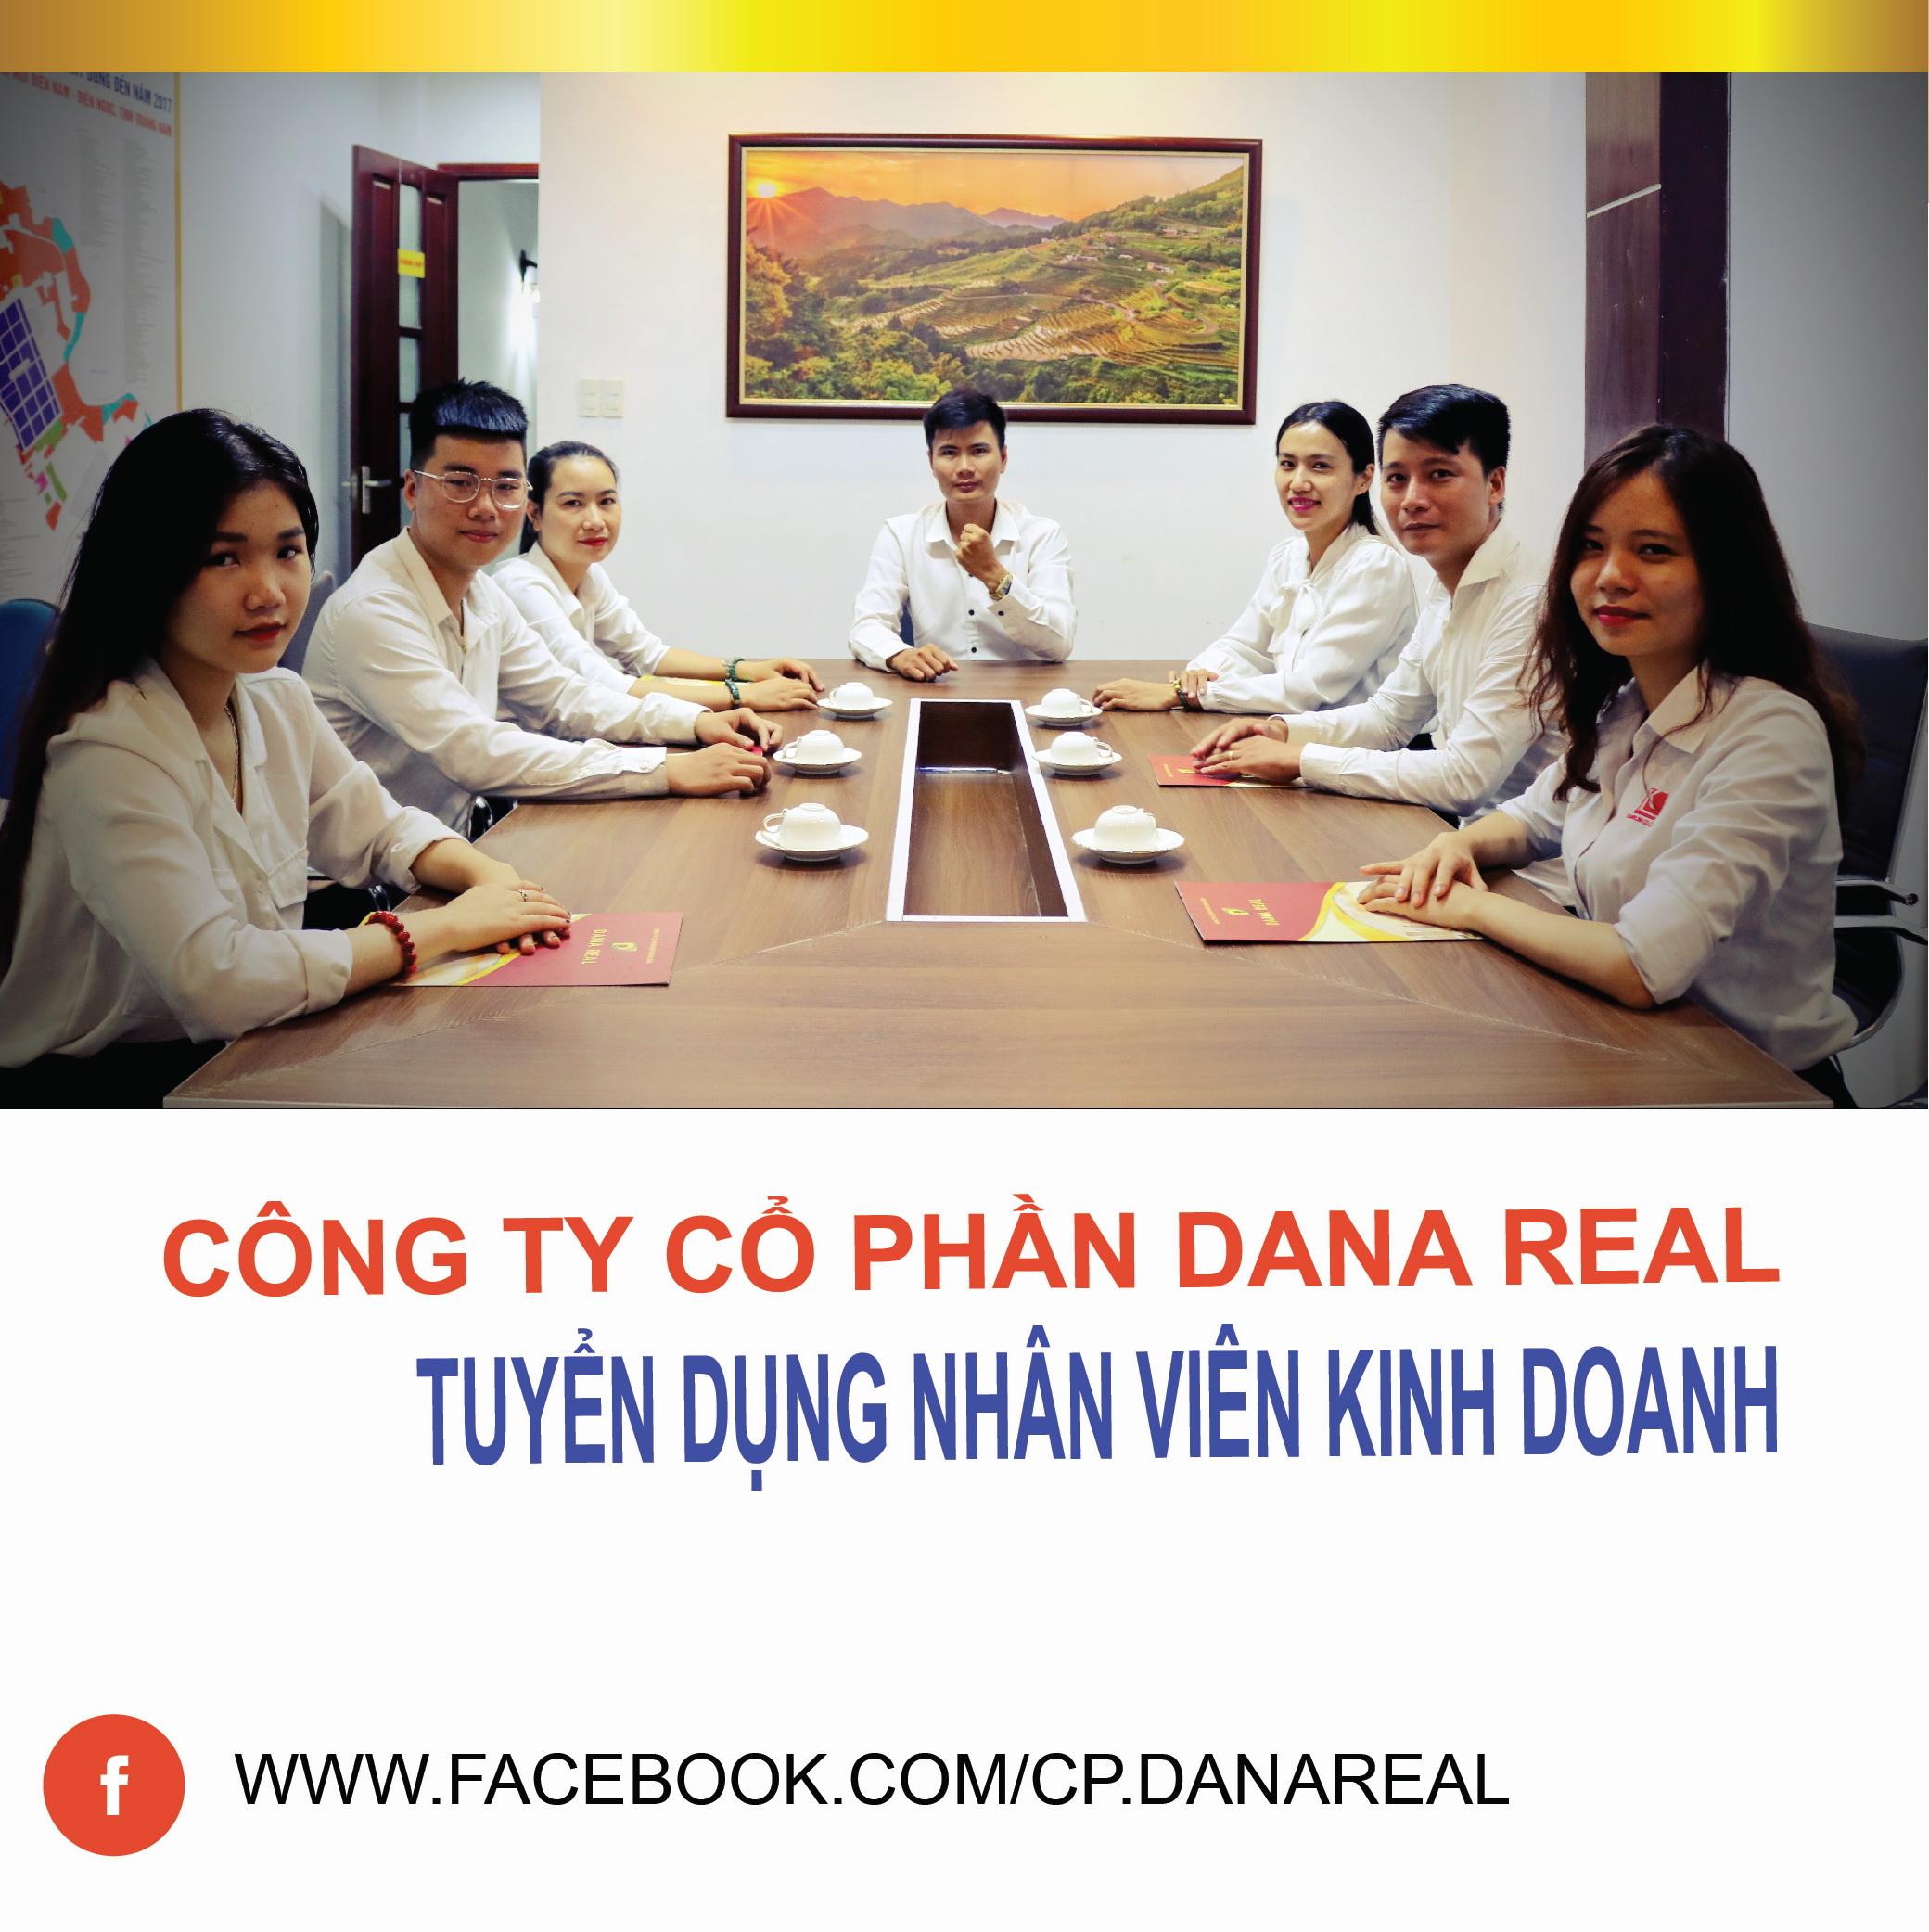 DANA REAL - TUYỂN DỤNG NHÂN VIÊN KINH DOANH BĐS THÁNG 11/2019